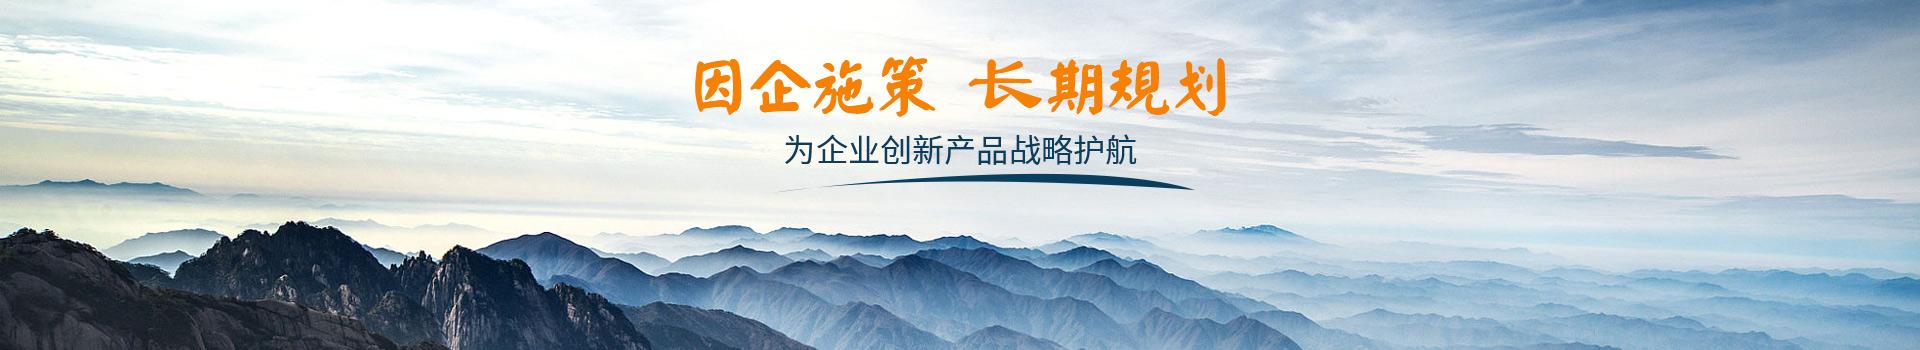 胜昌机械因企施策     长期规划 为企业创新产品战略护航